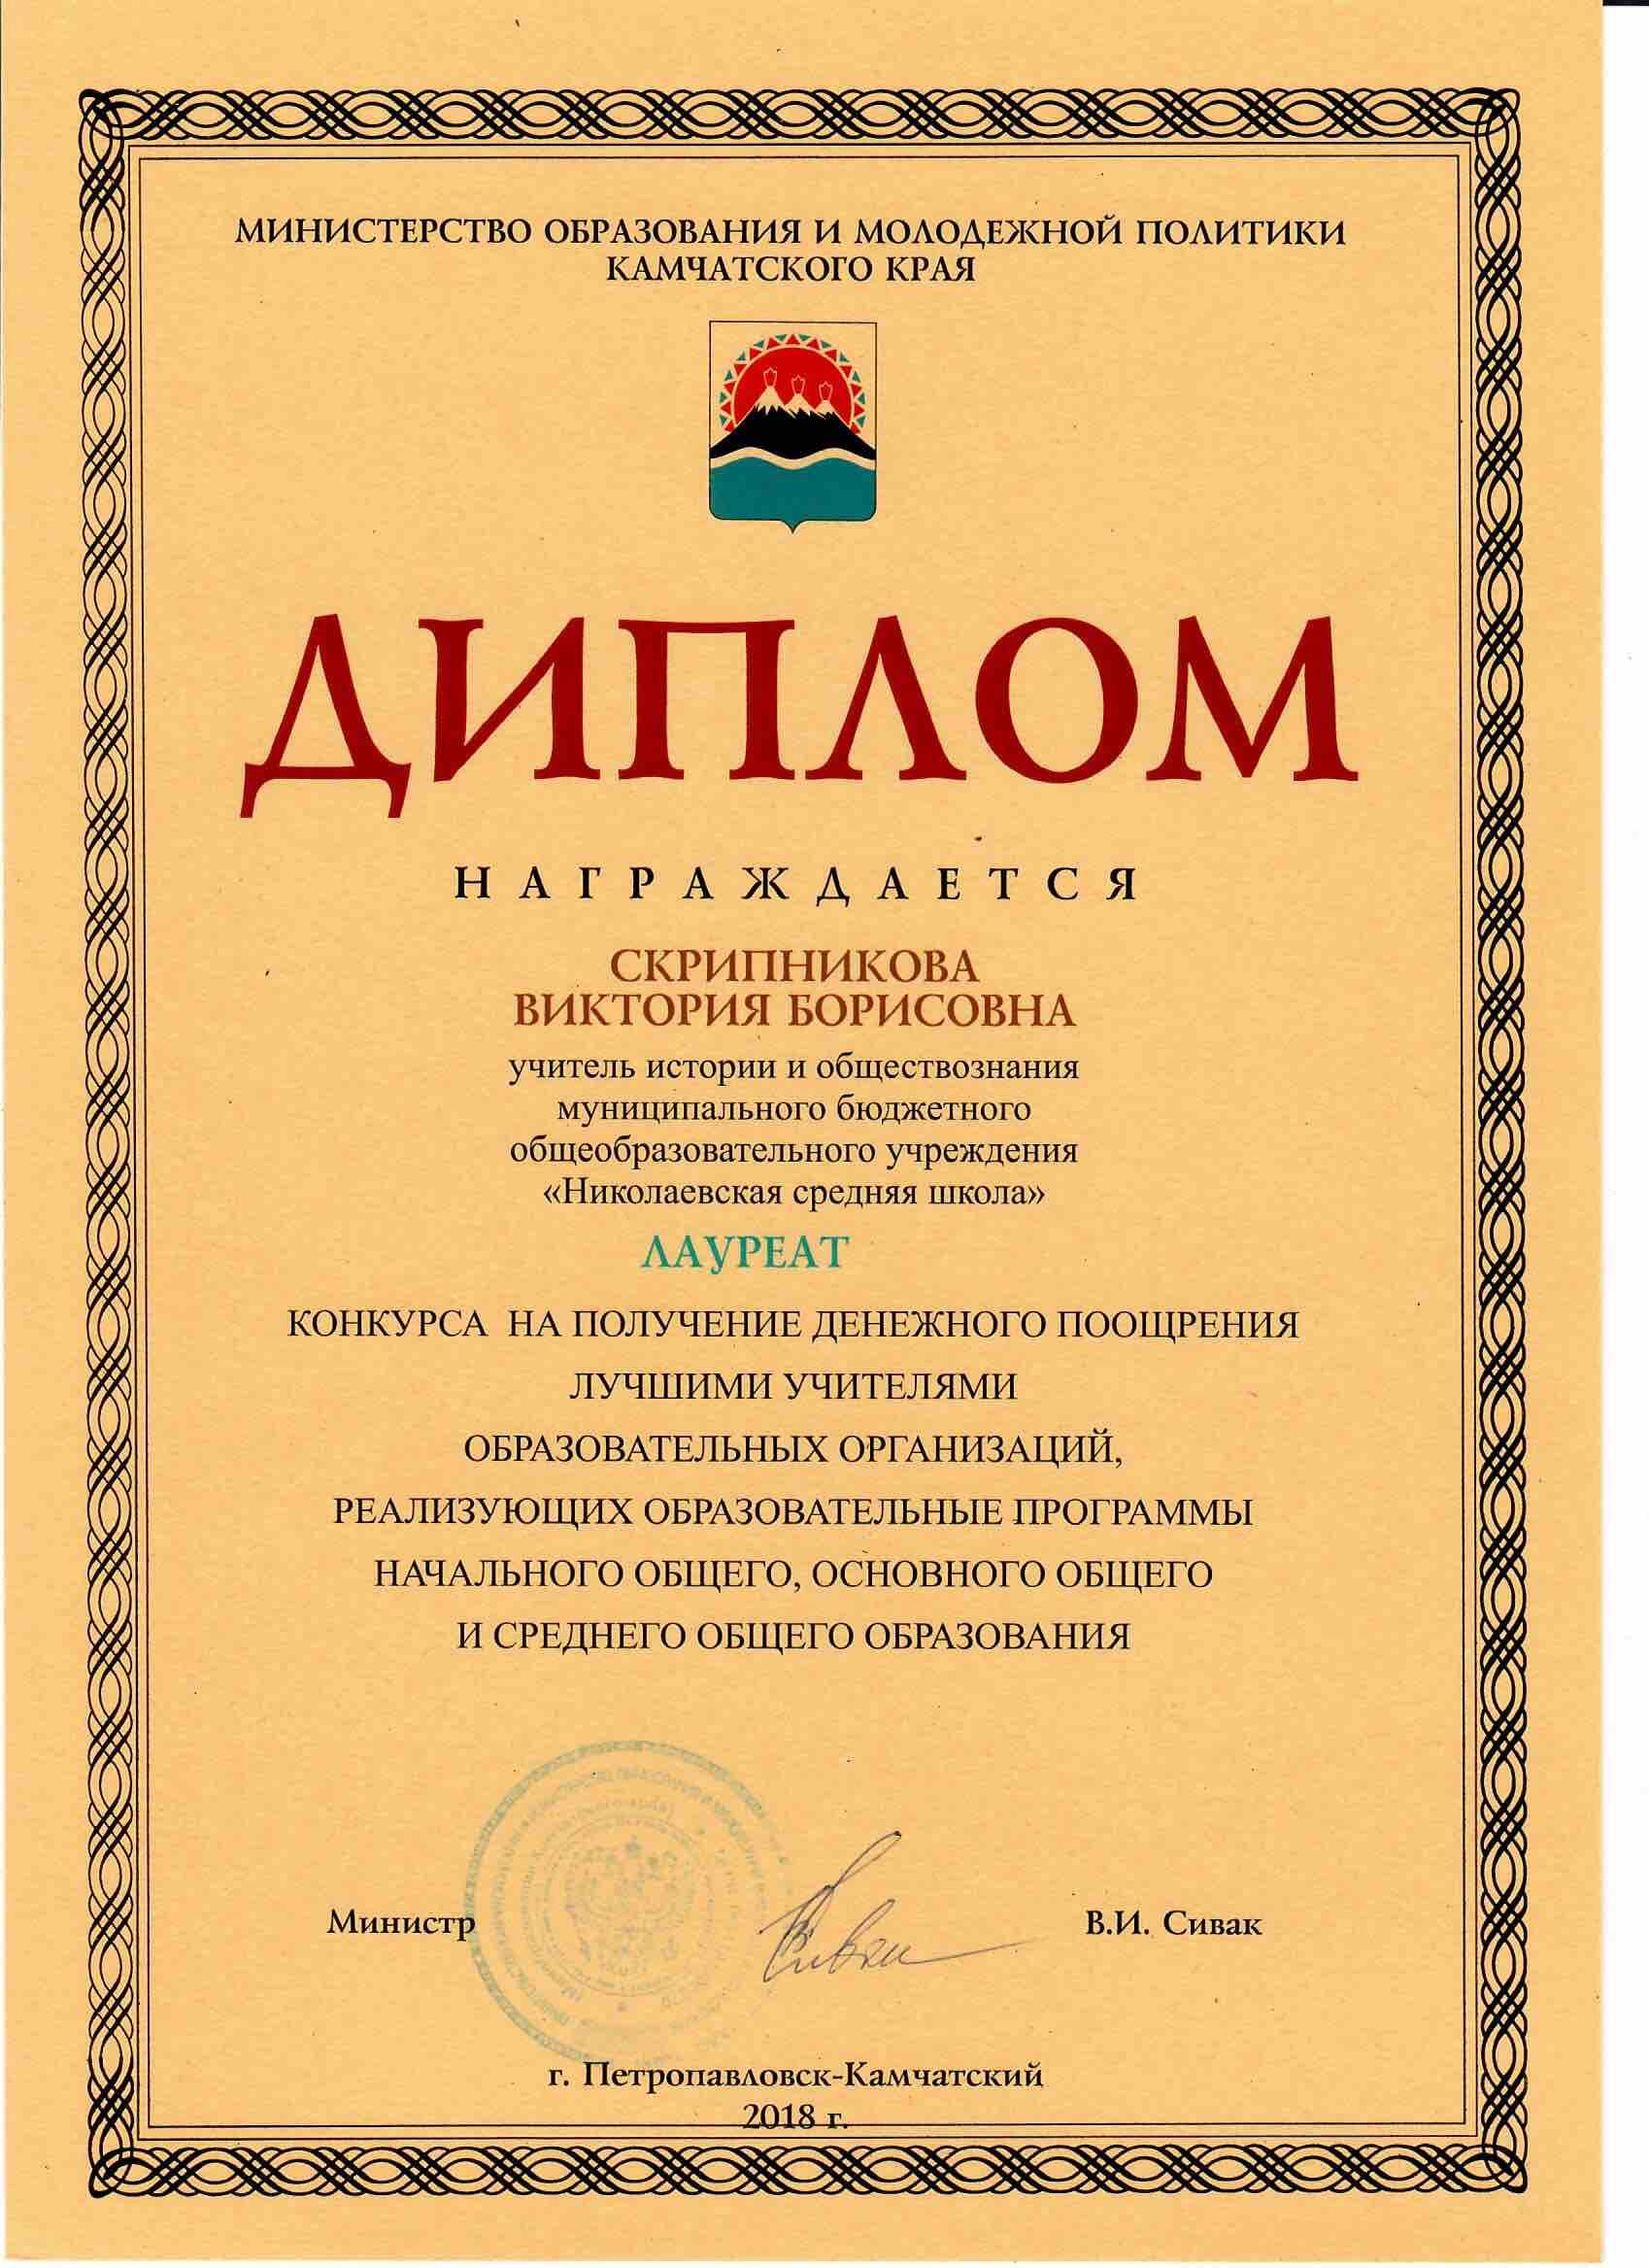 грамоты Скрипникова 3